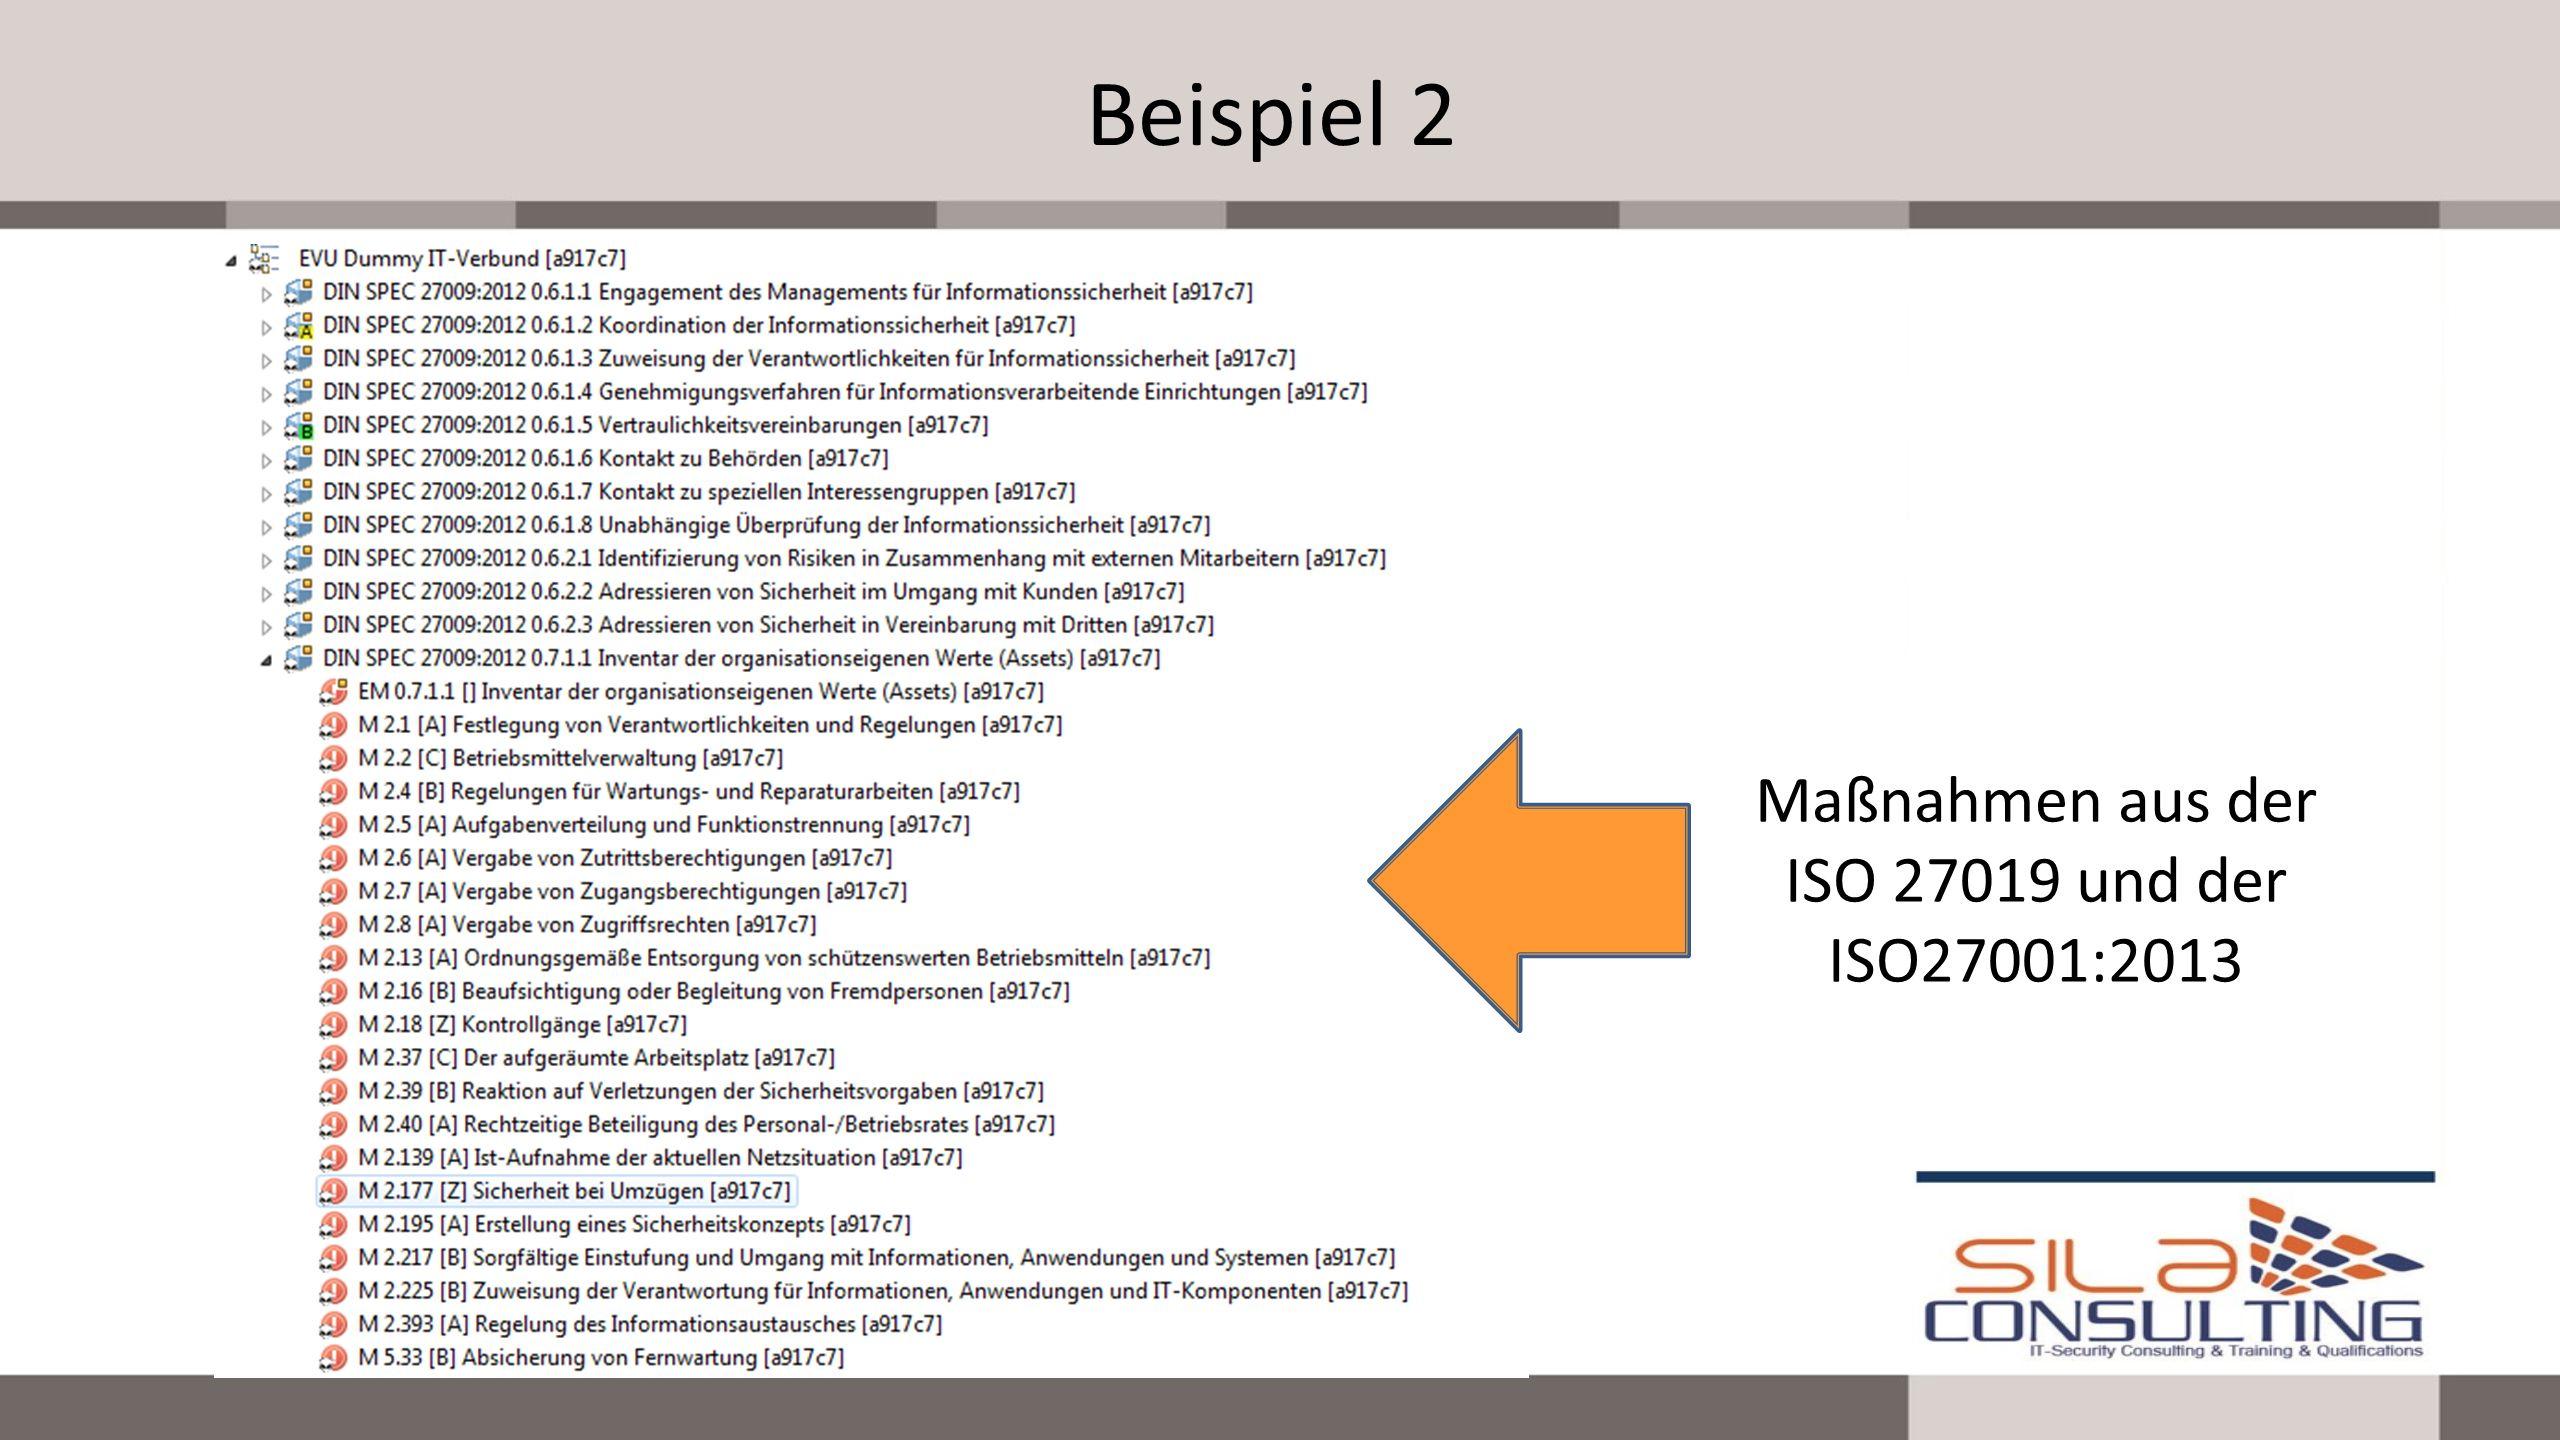 Beispiel 2 Maßnahmen aus der ISO 27019 und der ISO27001:2013